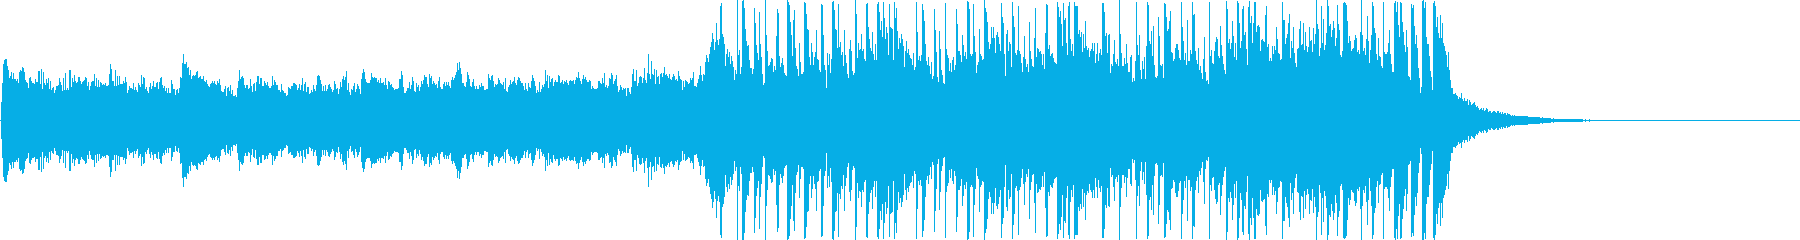 【30秒】スラップベースが特徴的なフューの再生済みの波形